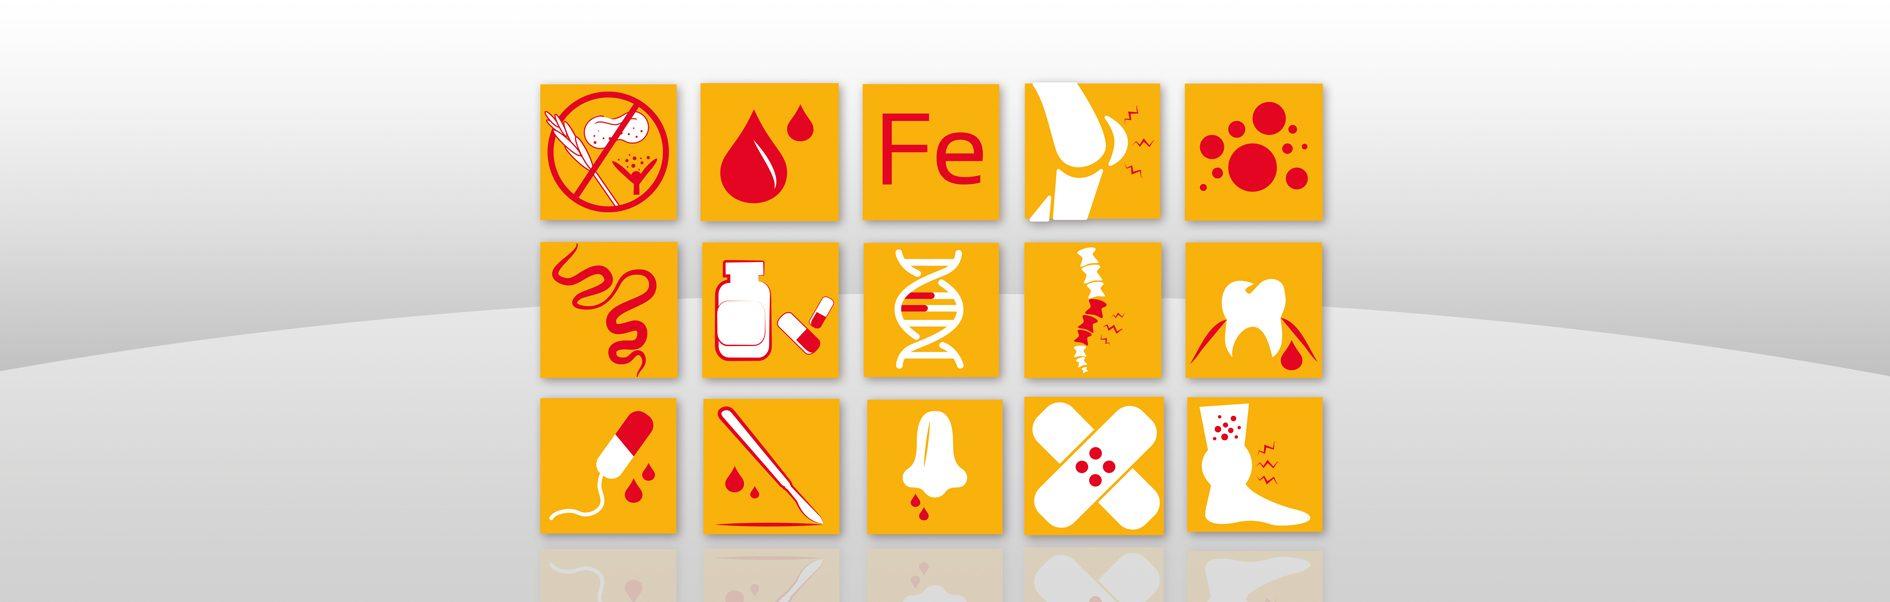 Hier sind 15 Piktogramme für das Sonnen-Gesundheitszentrum abgebildet.